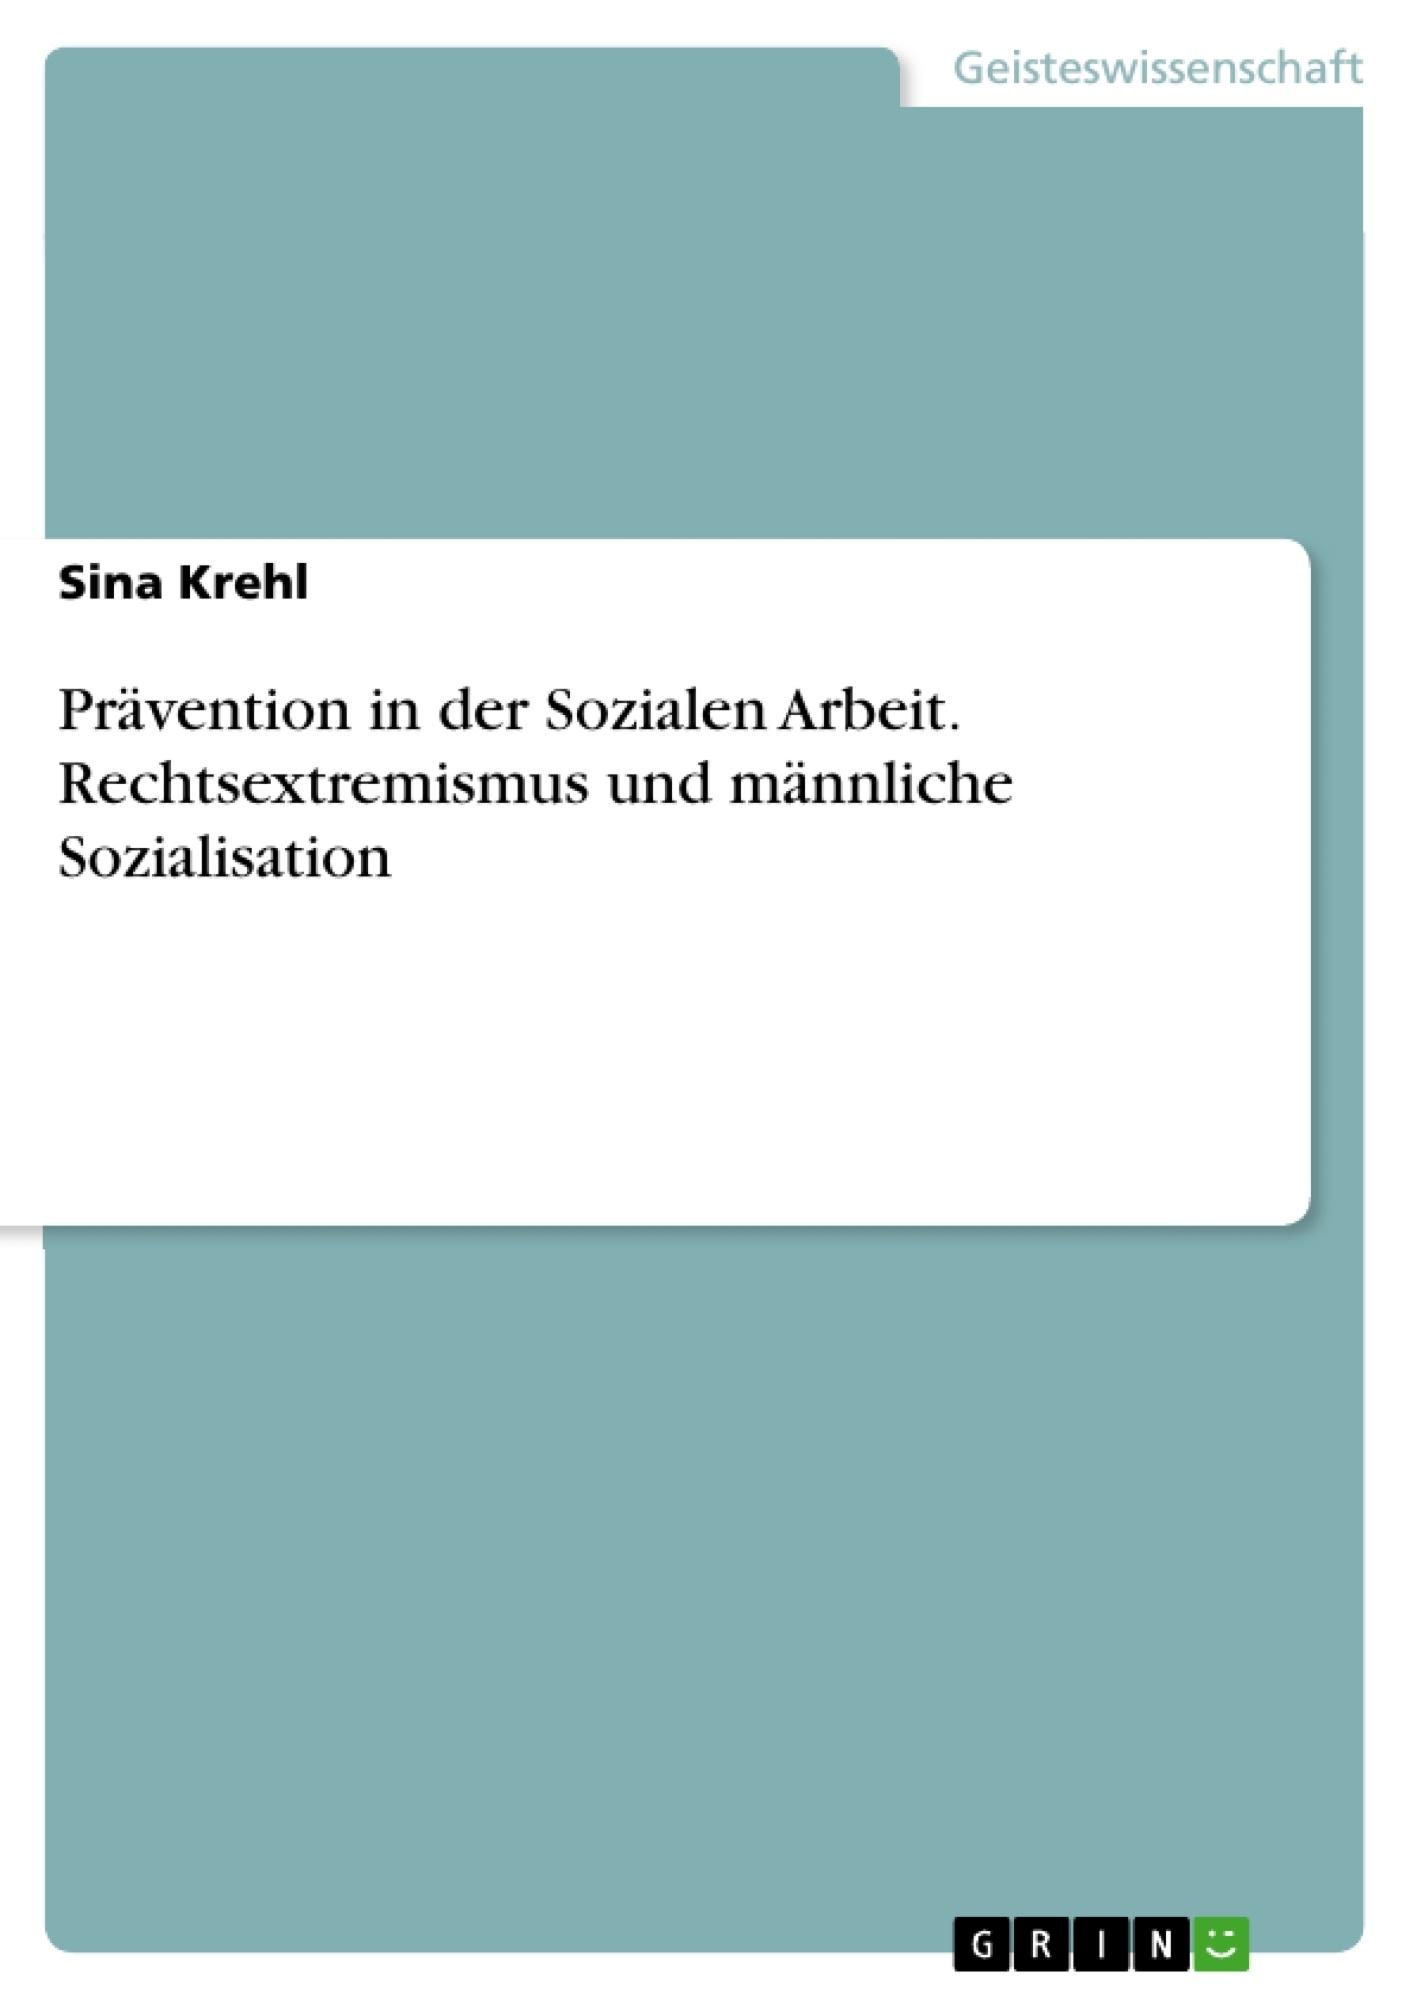 Titel: Prävention in der Sozialen Arbeit. Rechtsextremismus und männliche Sozialisation